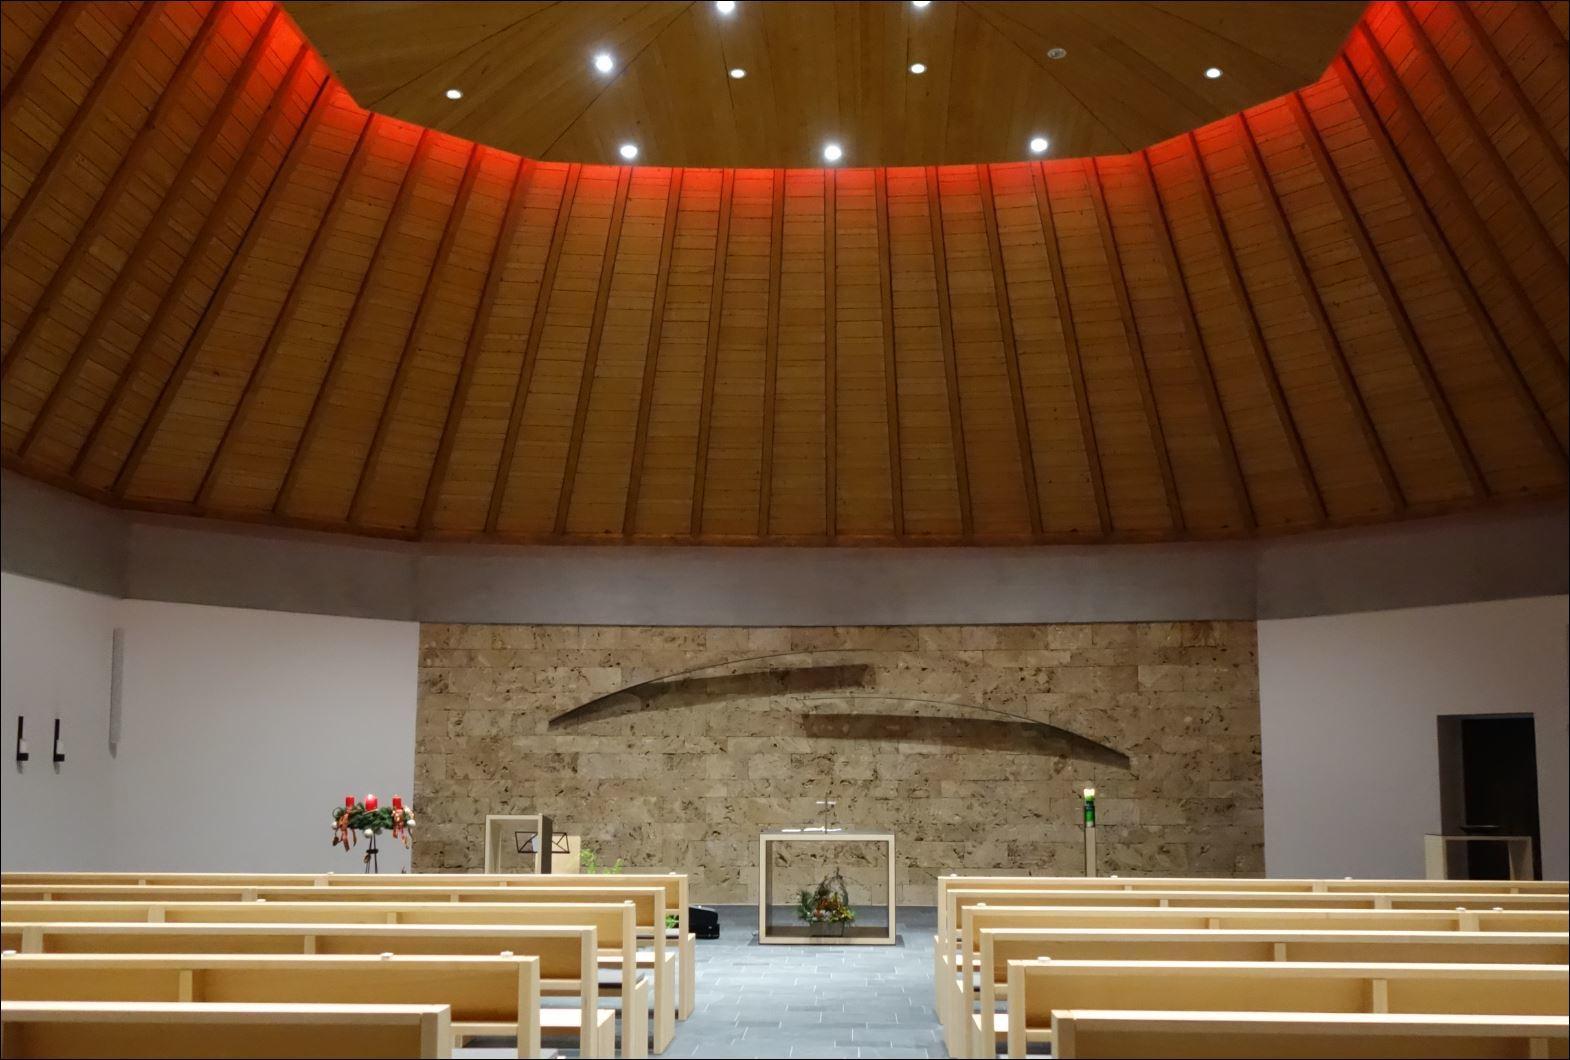 EV 20 12 02 Evangelische Kirche Innen 6698